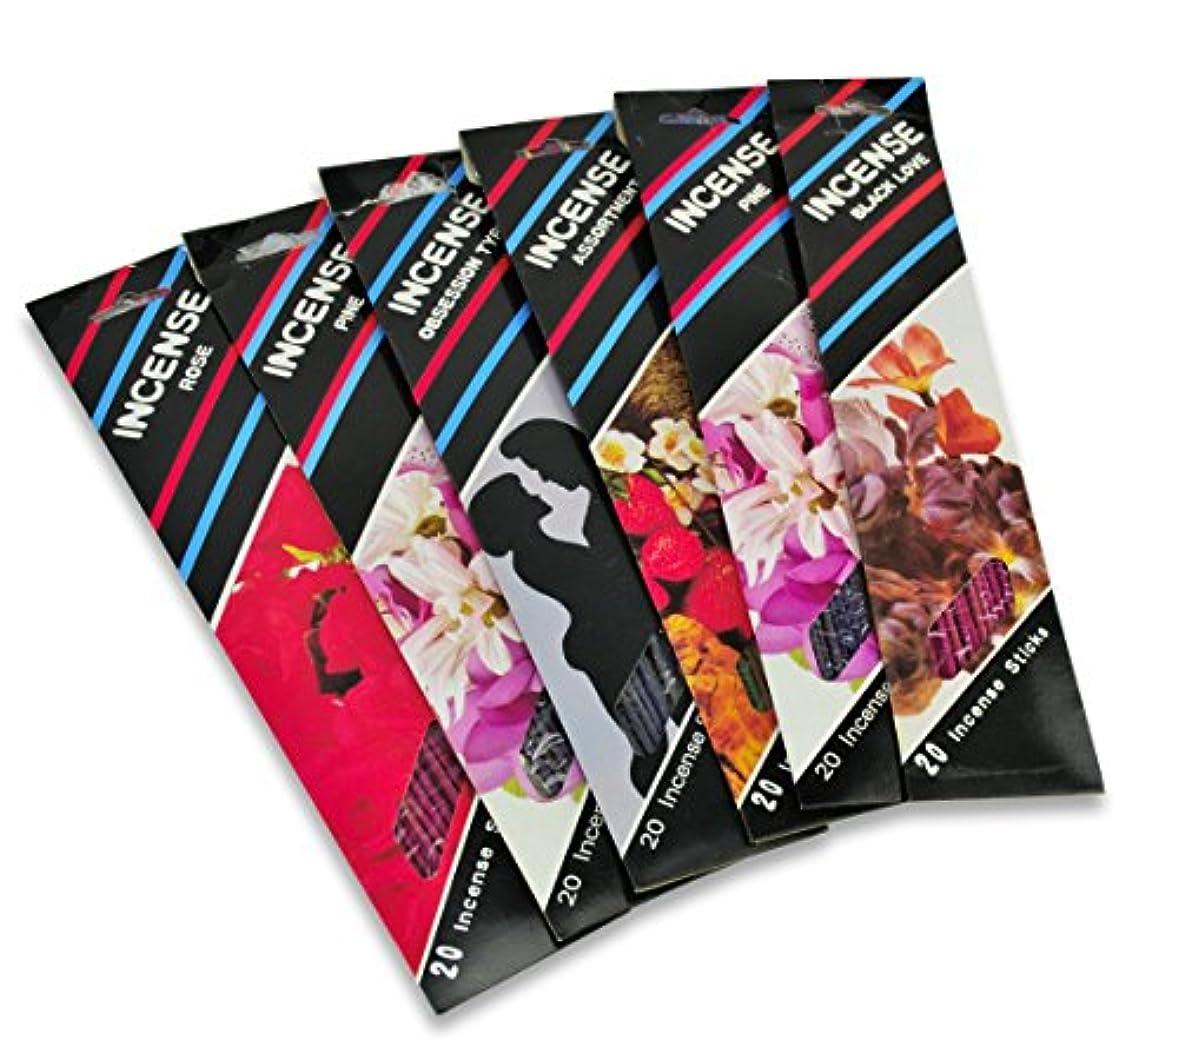 好きロッカーブレンド選択ブランドIncense Sticks 10.5インチクラシックAssorted Scentsパック480ピースプレミアム香りのSticks最も人気Scents Clean Burning ( 480のスティックパック...